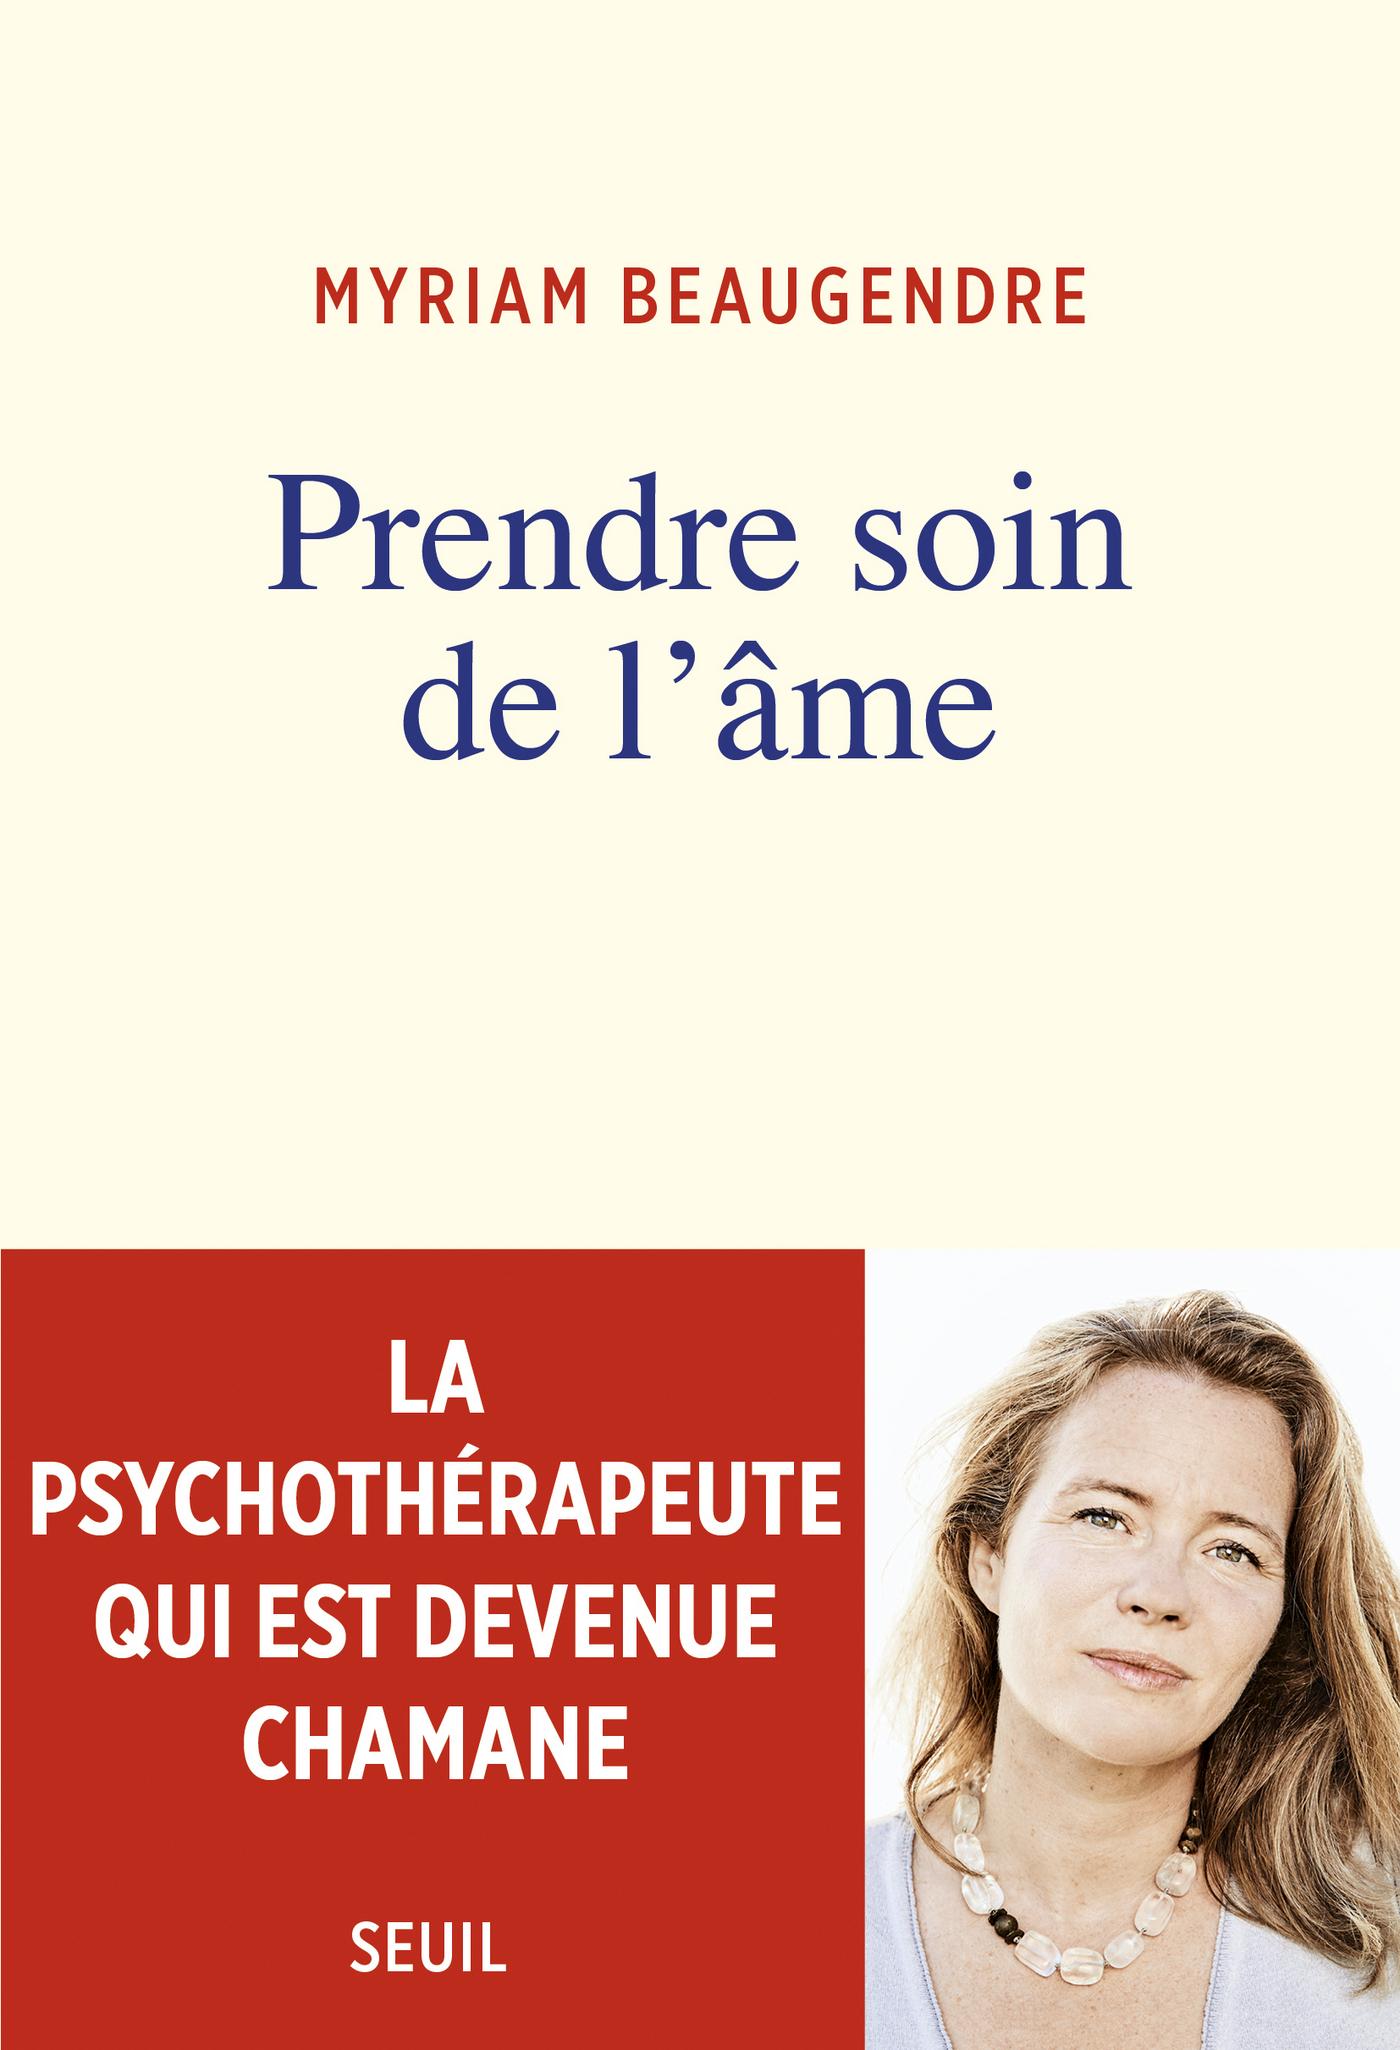 Prendre soin de l'âme - La psychothérapeute qui est devenue chamane